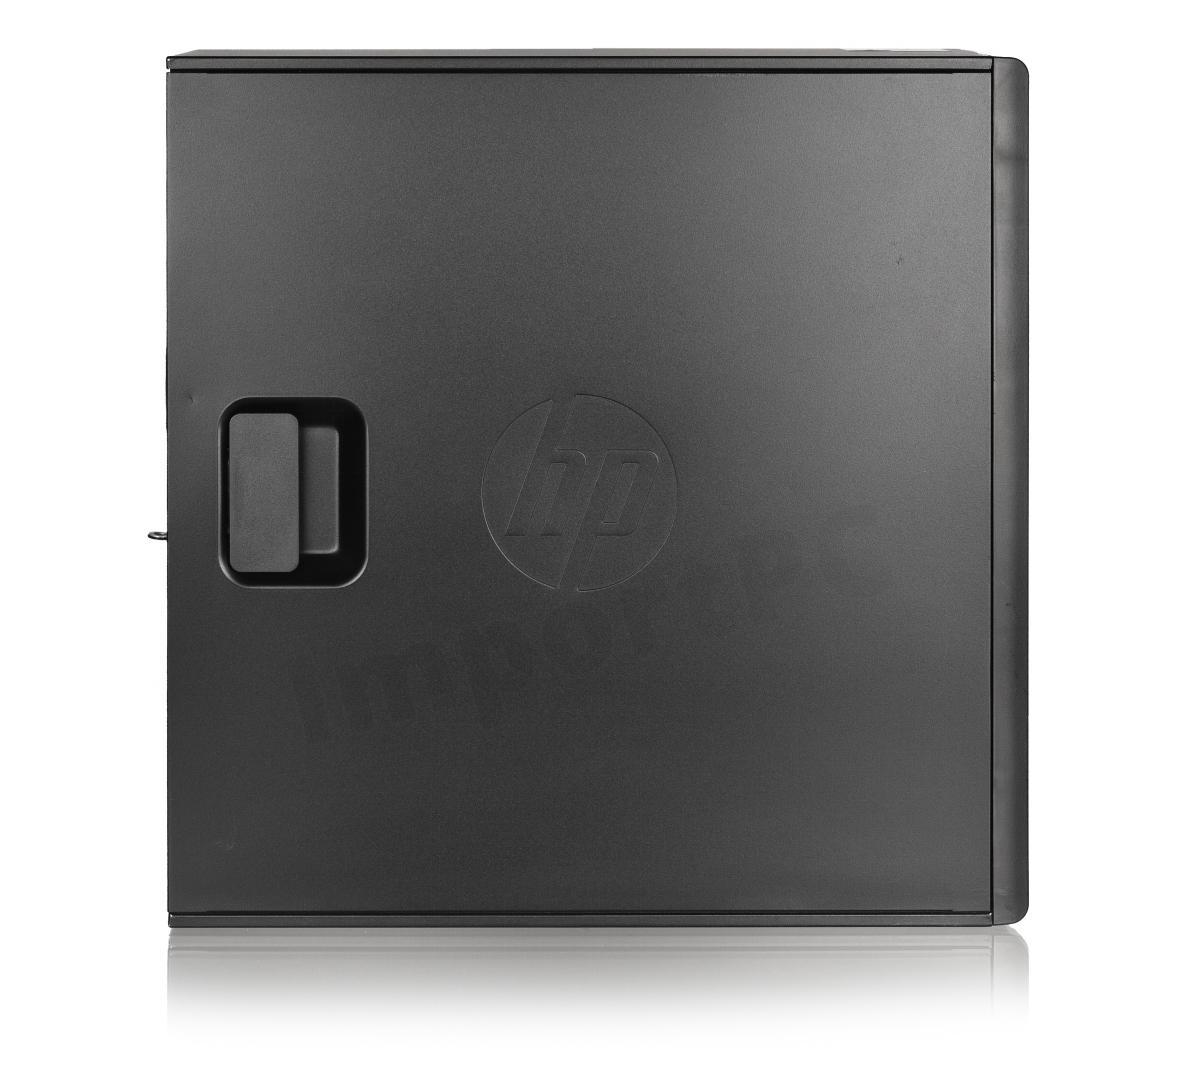 _dsc1Máy tính để bàn HP Z210 SFF